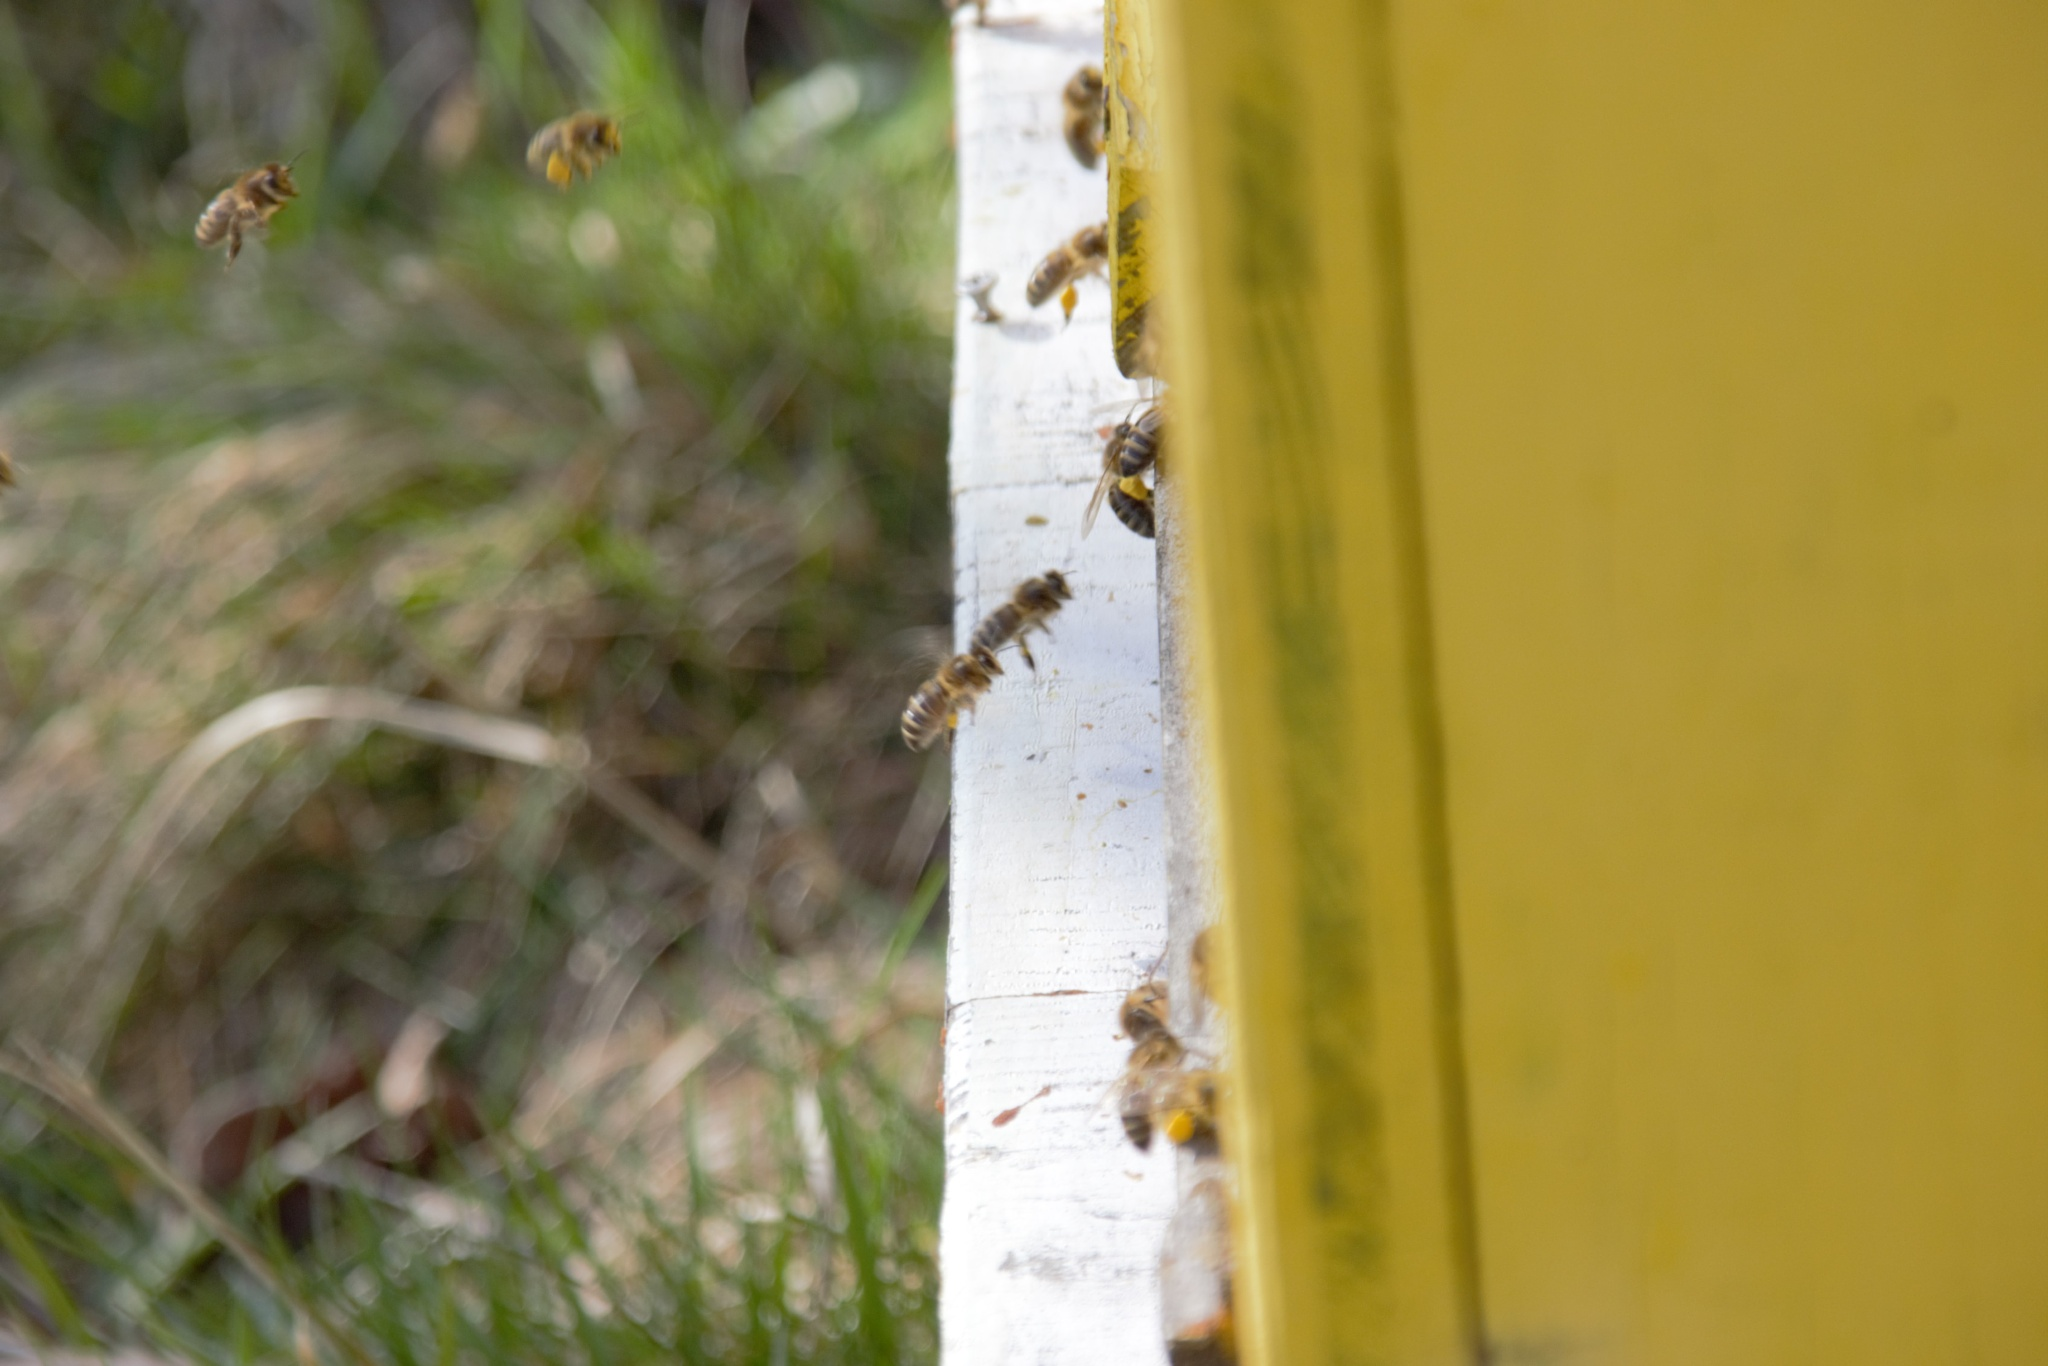 working bees by Marta Skowron